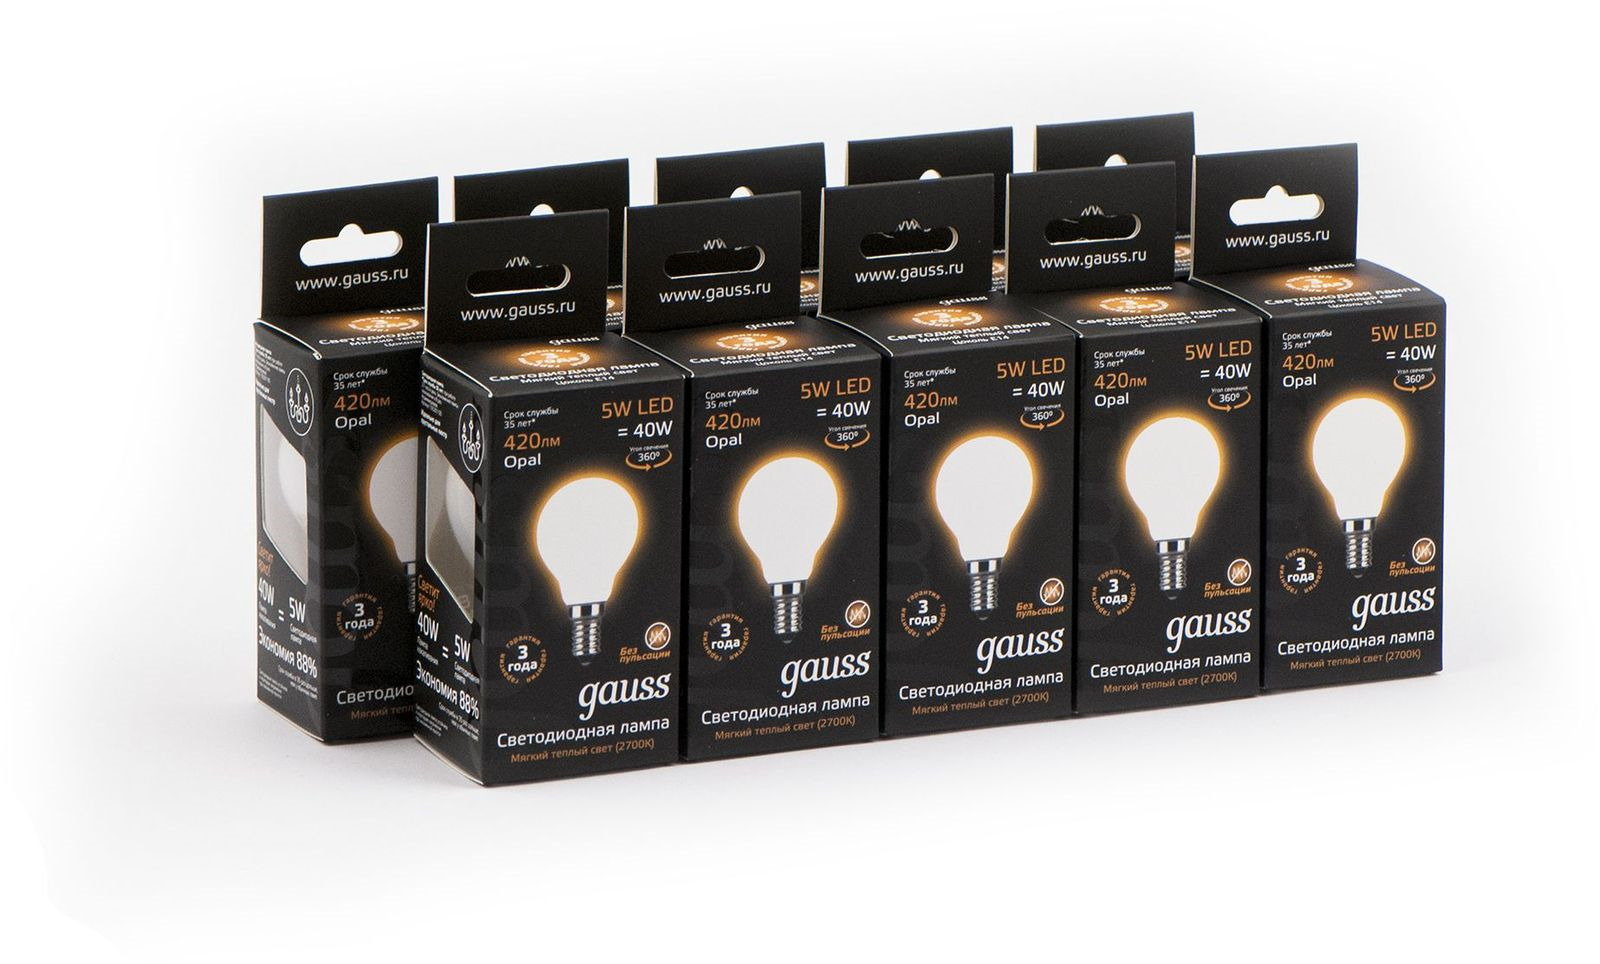 Лампочка Gauss Светодиодная Black Filament Шар Opal 10 шт, Теплый свет 5 Вт, Светодиодная лампа светодиодная gauss e14 5w 2700k свеча на ветру прозрачная 1 10 50 104801105